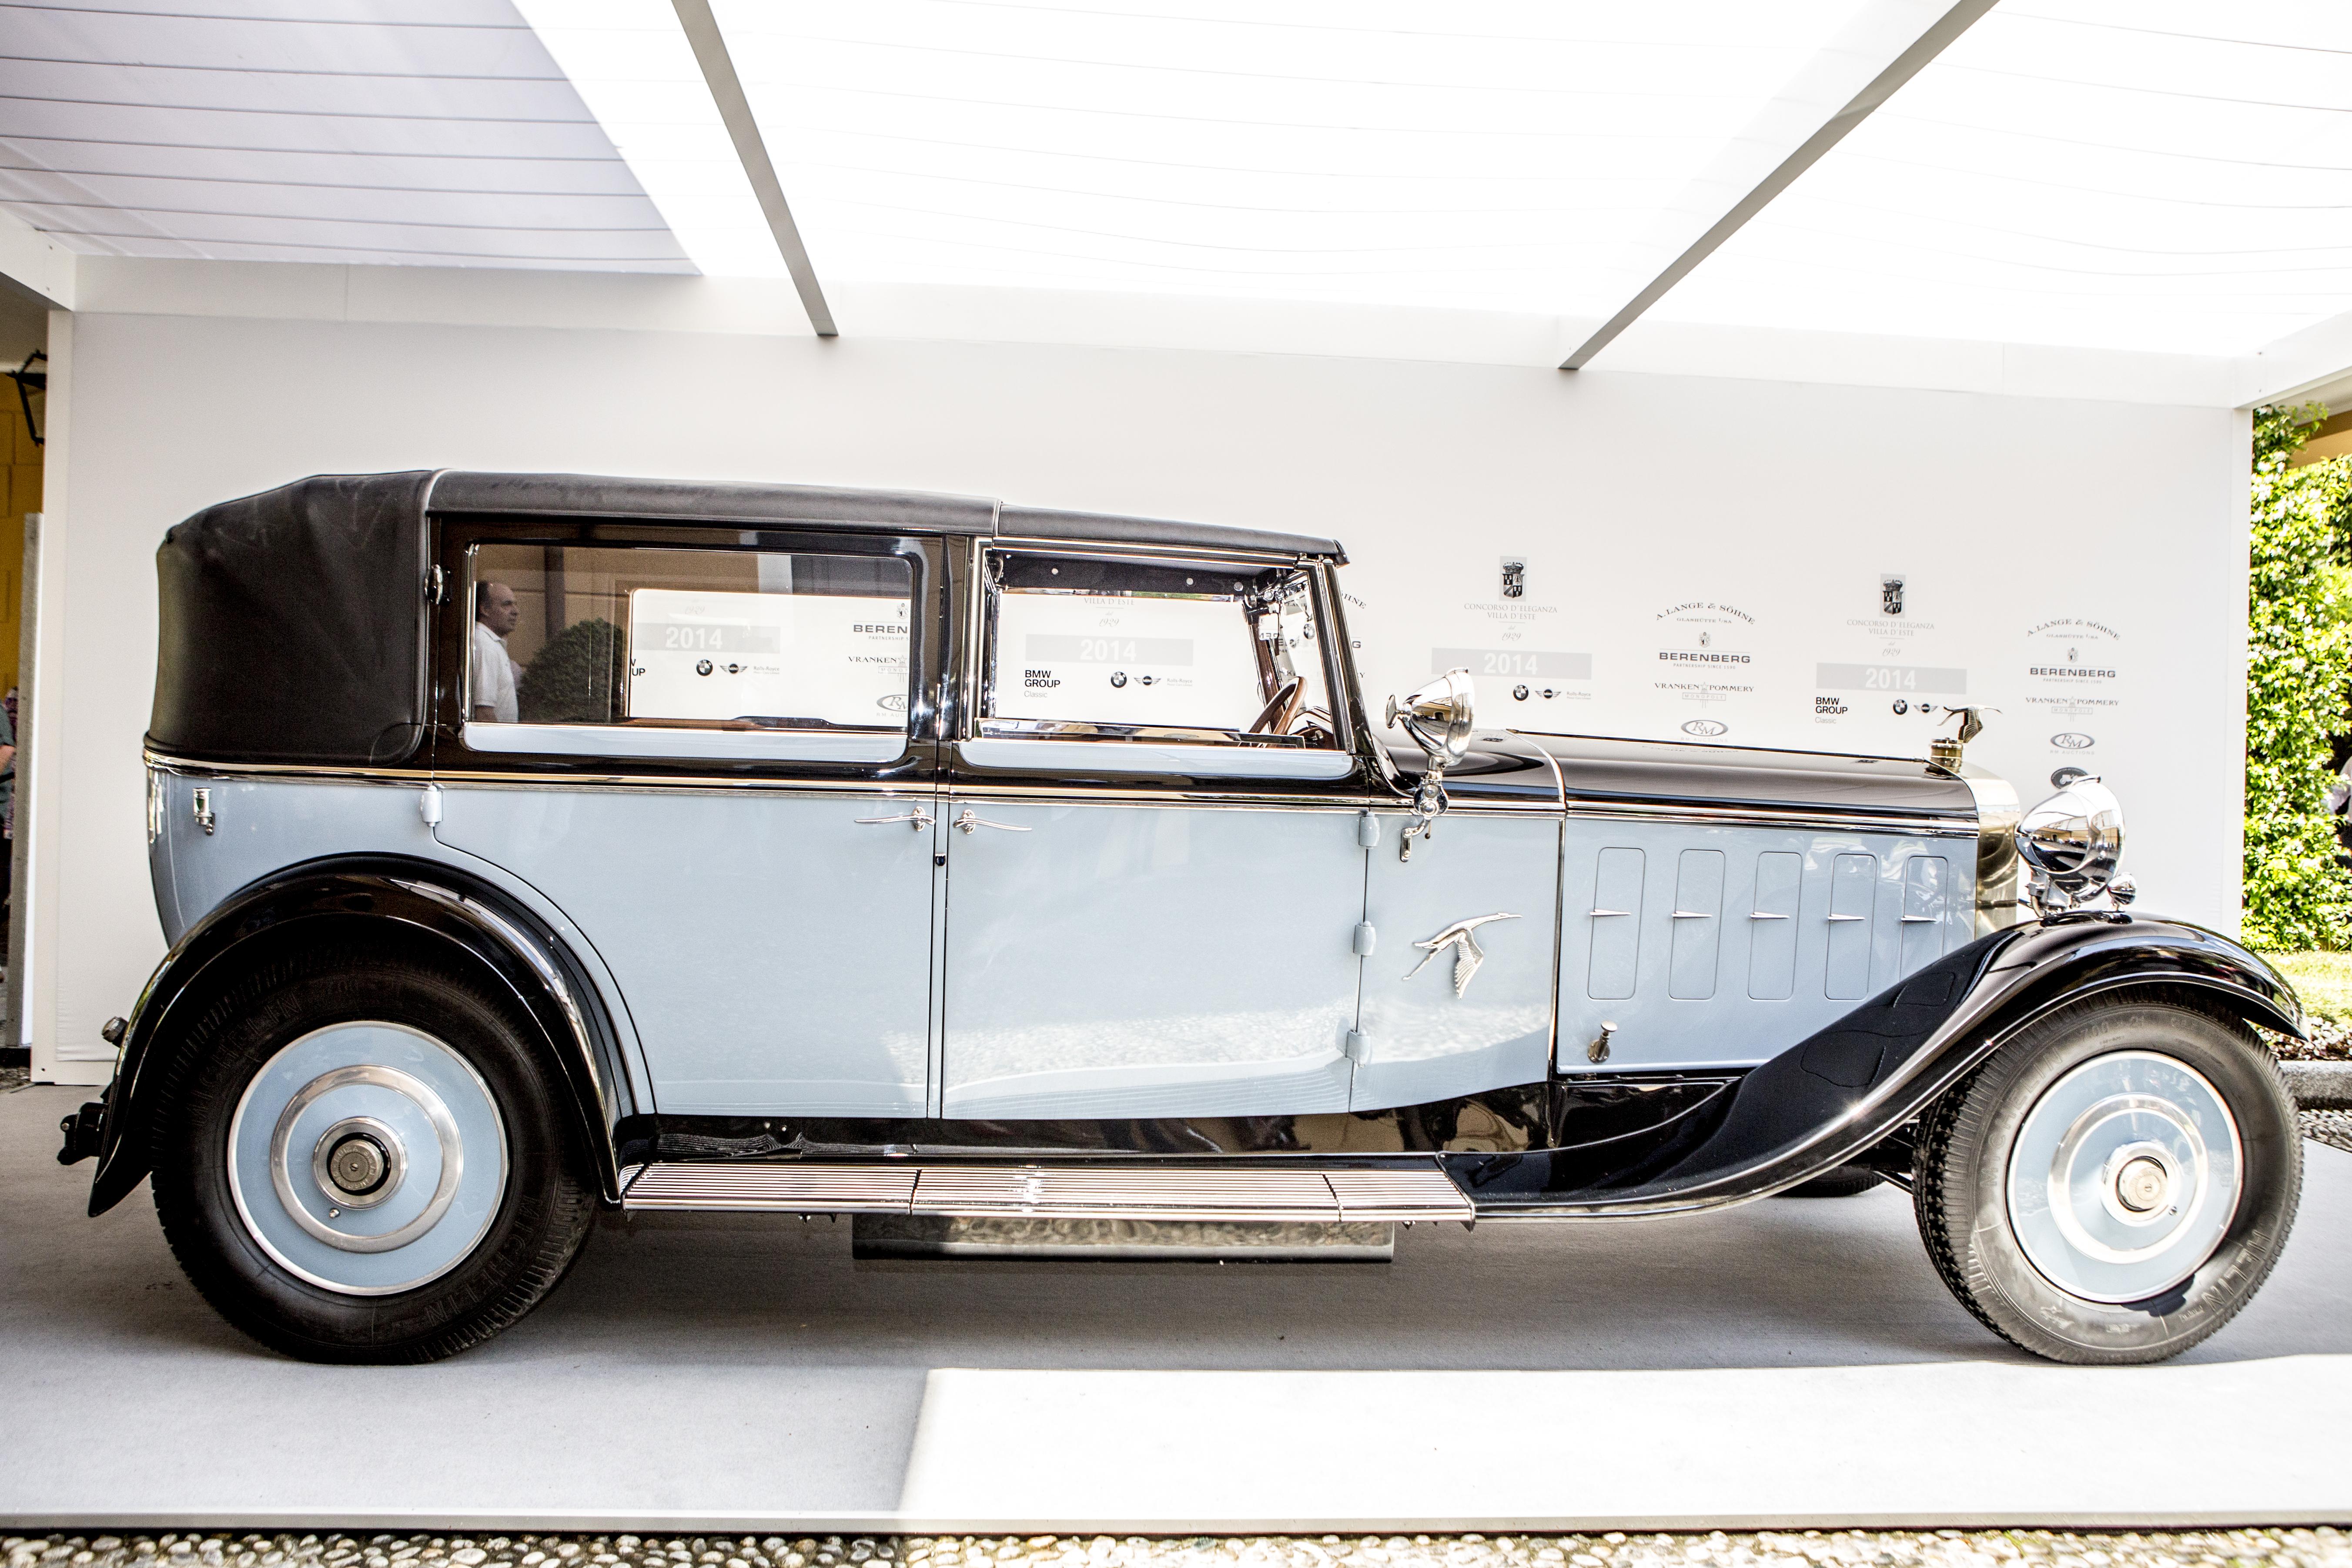 Hispano-Suiza H6 B